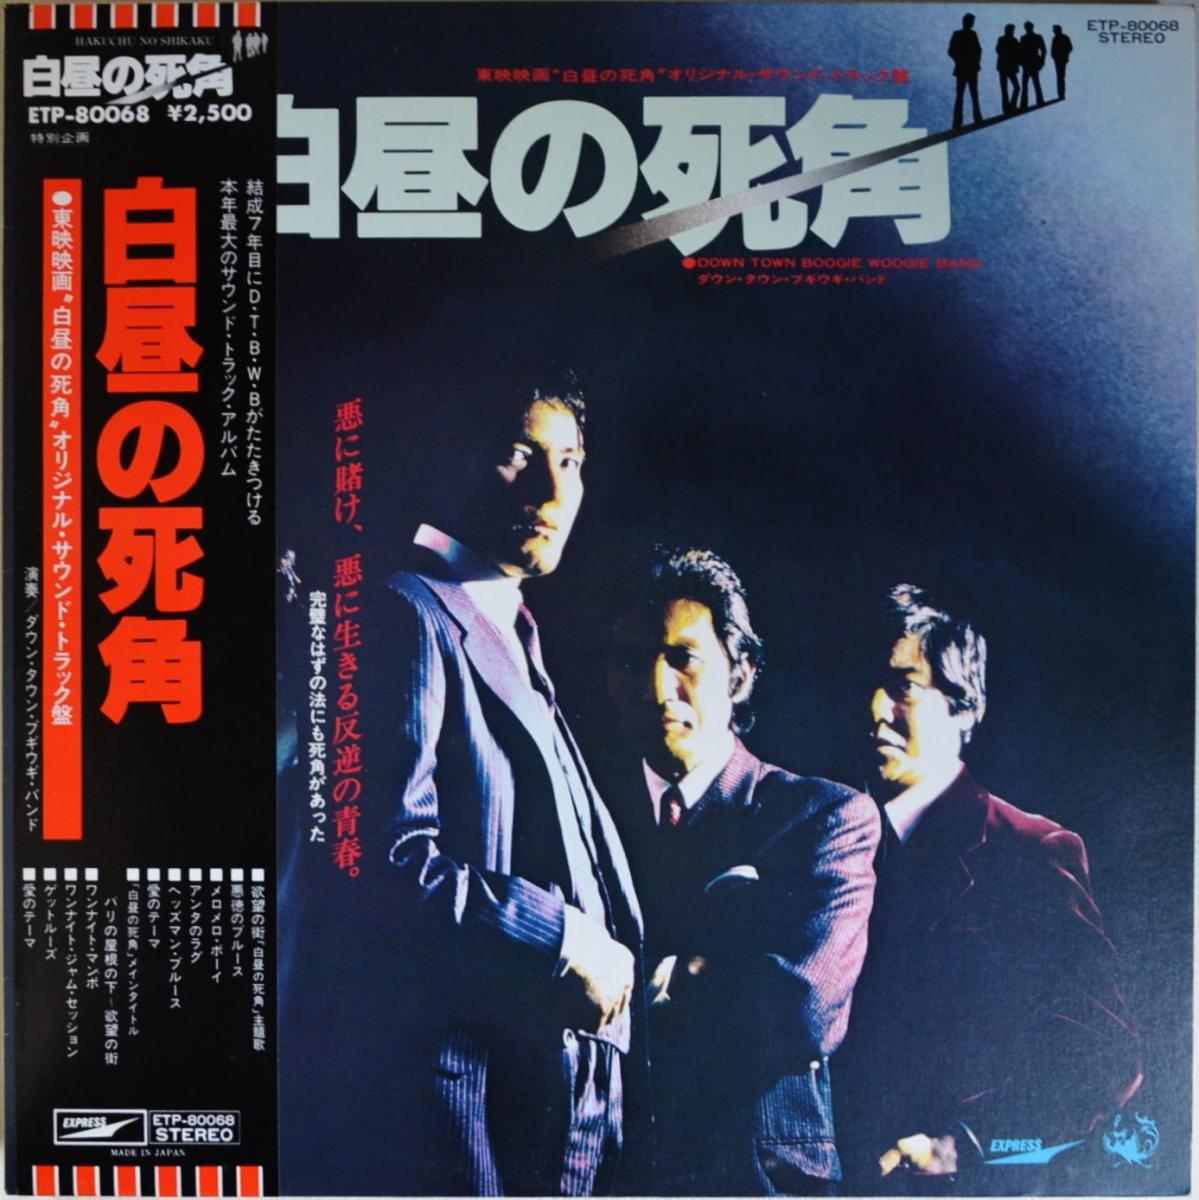 O.S.T. (ダウン・タウン・ブギウギ・バンド) / 白昼の死角 (LP)